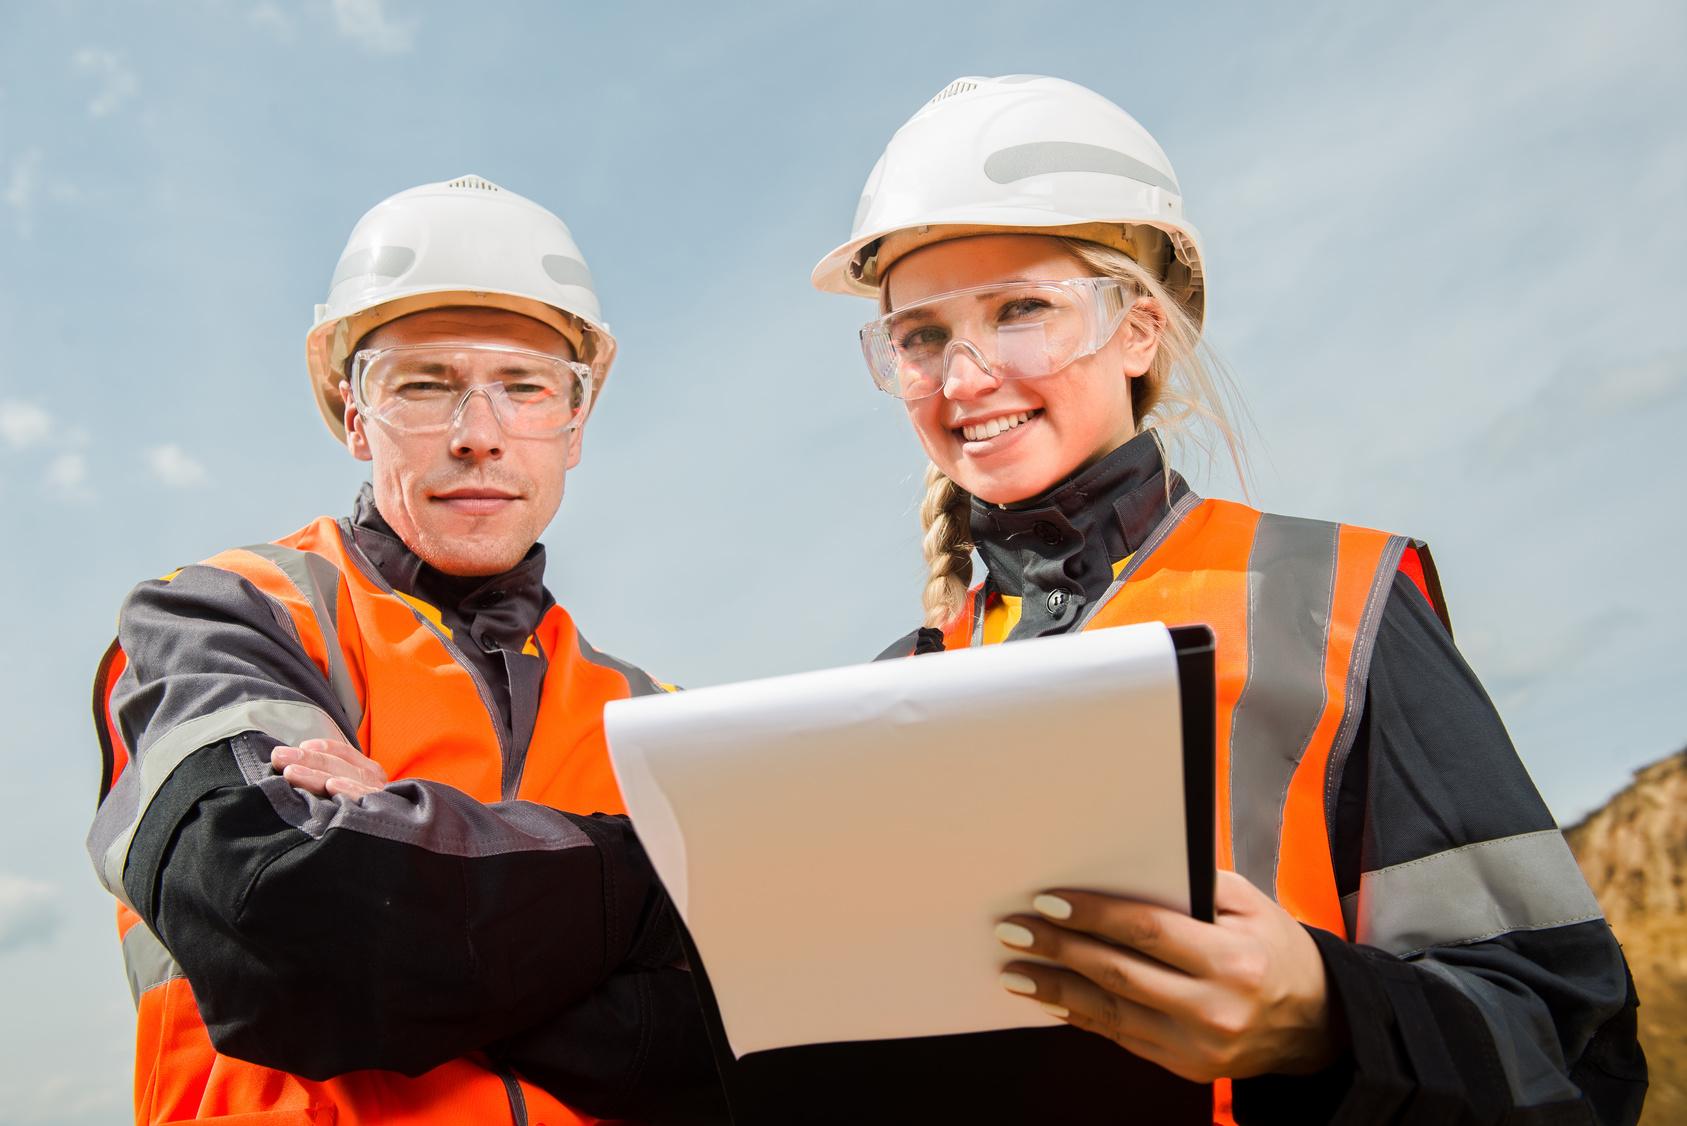 Worauf es bei Compliance & Controlling beim Arbeitsschutz ankommt